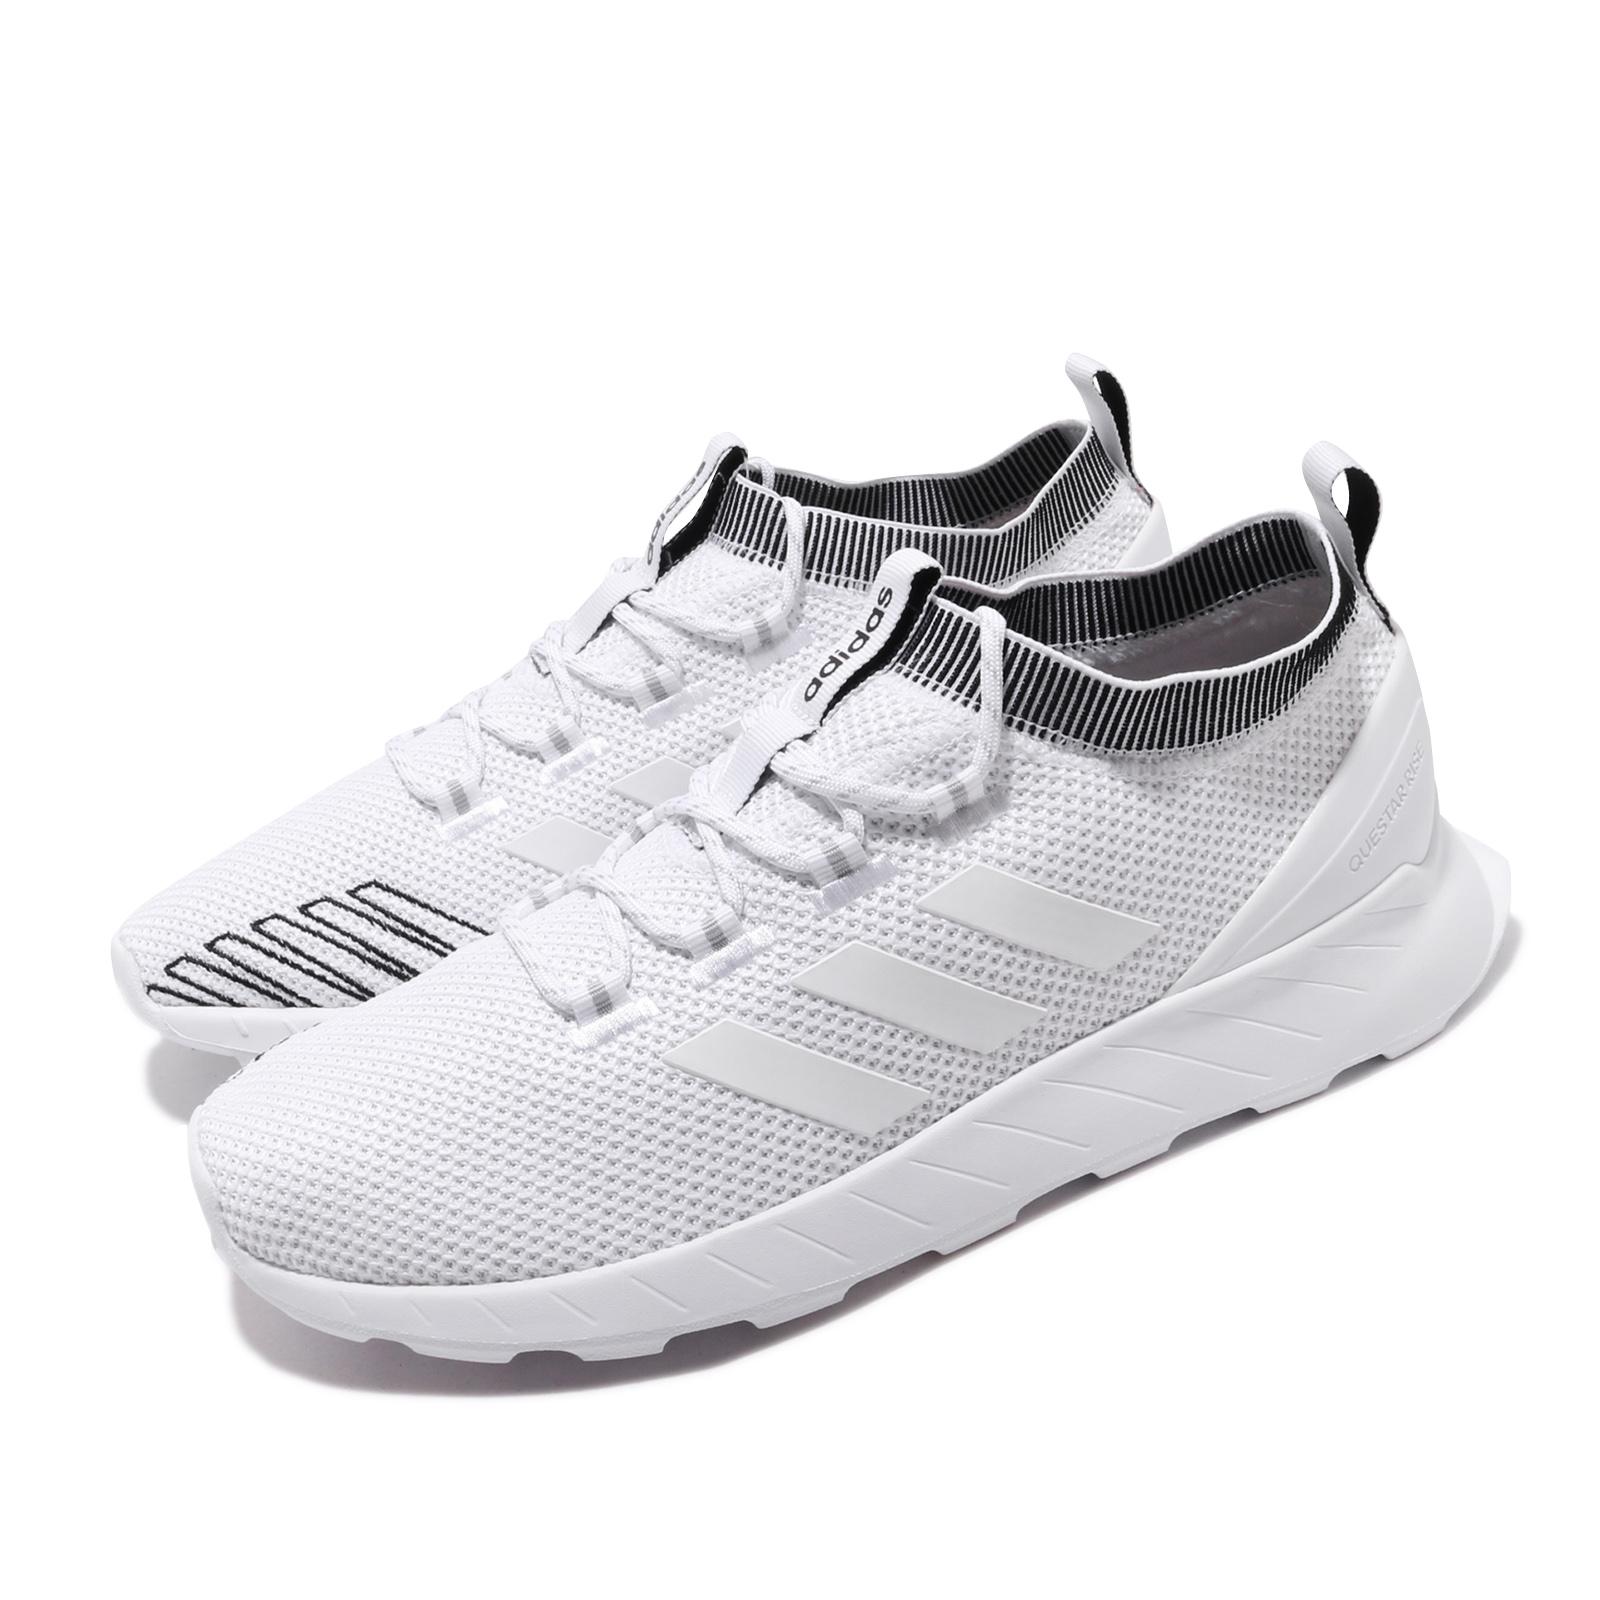 adidas 慢跑鞋 Questar Rise 襪套 男鞋 BB7198